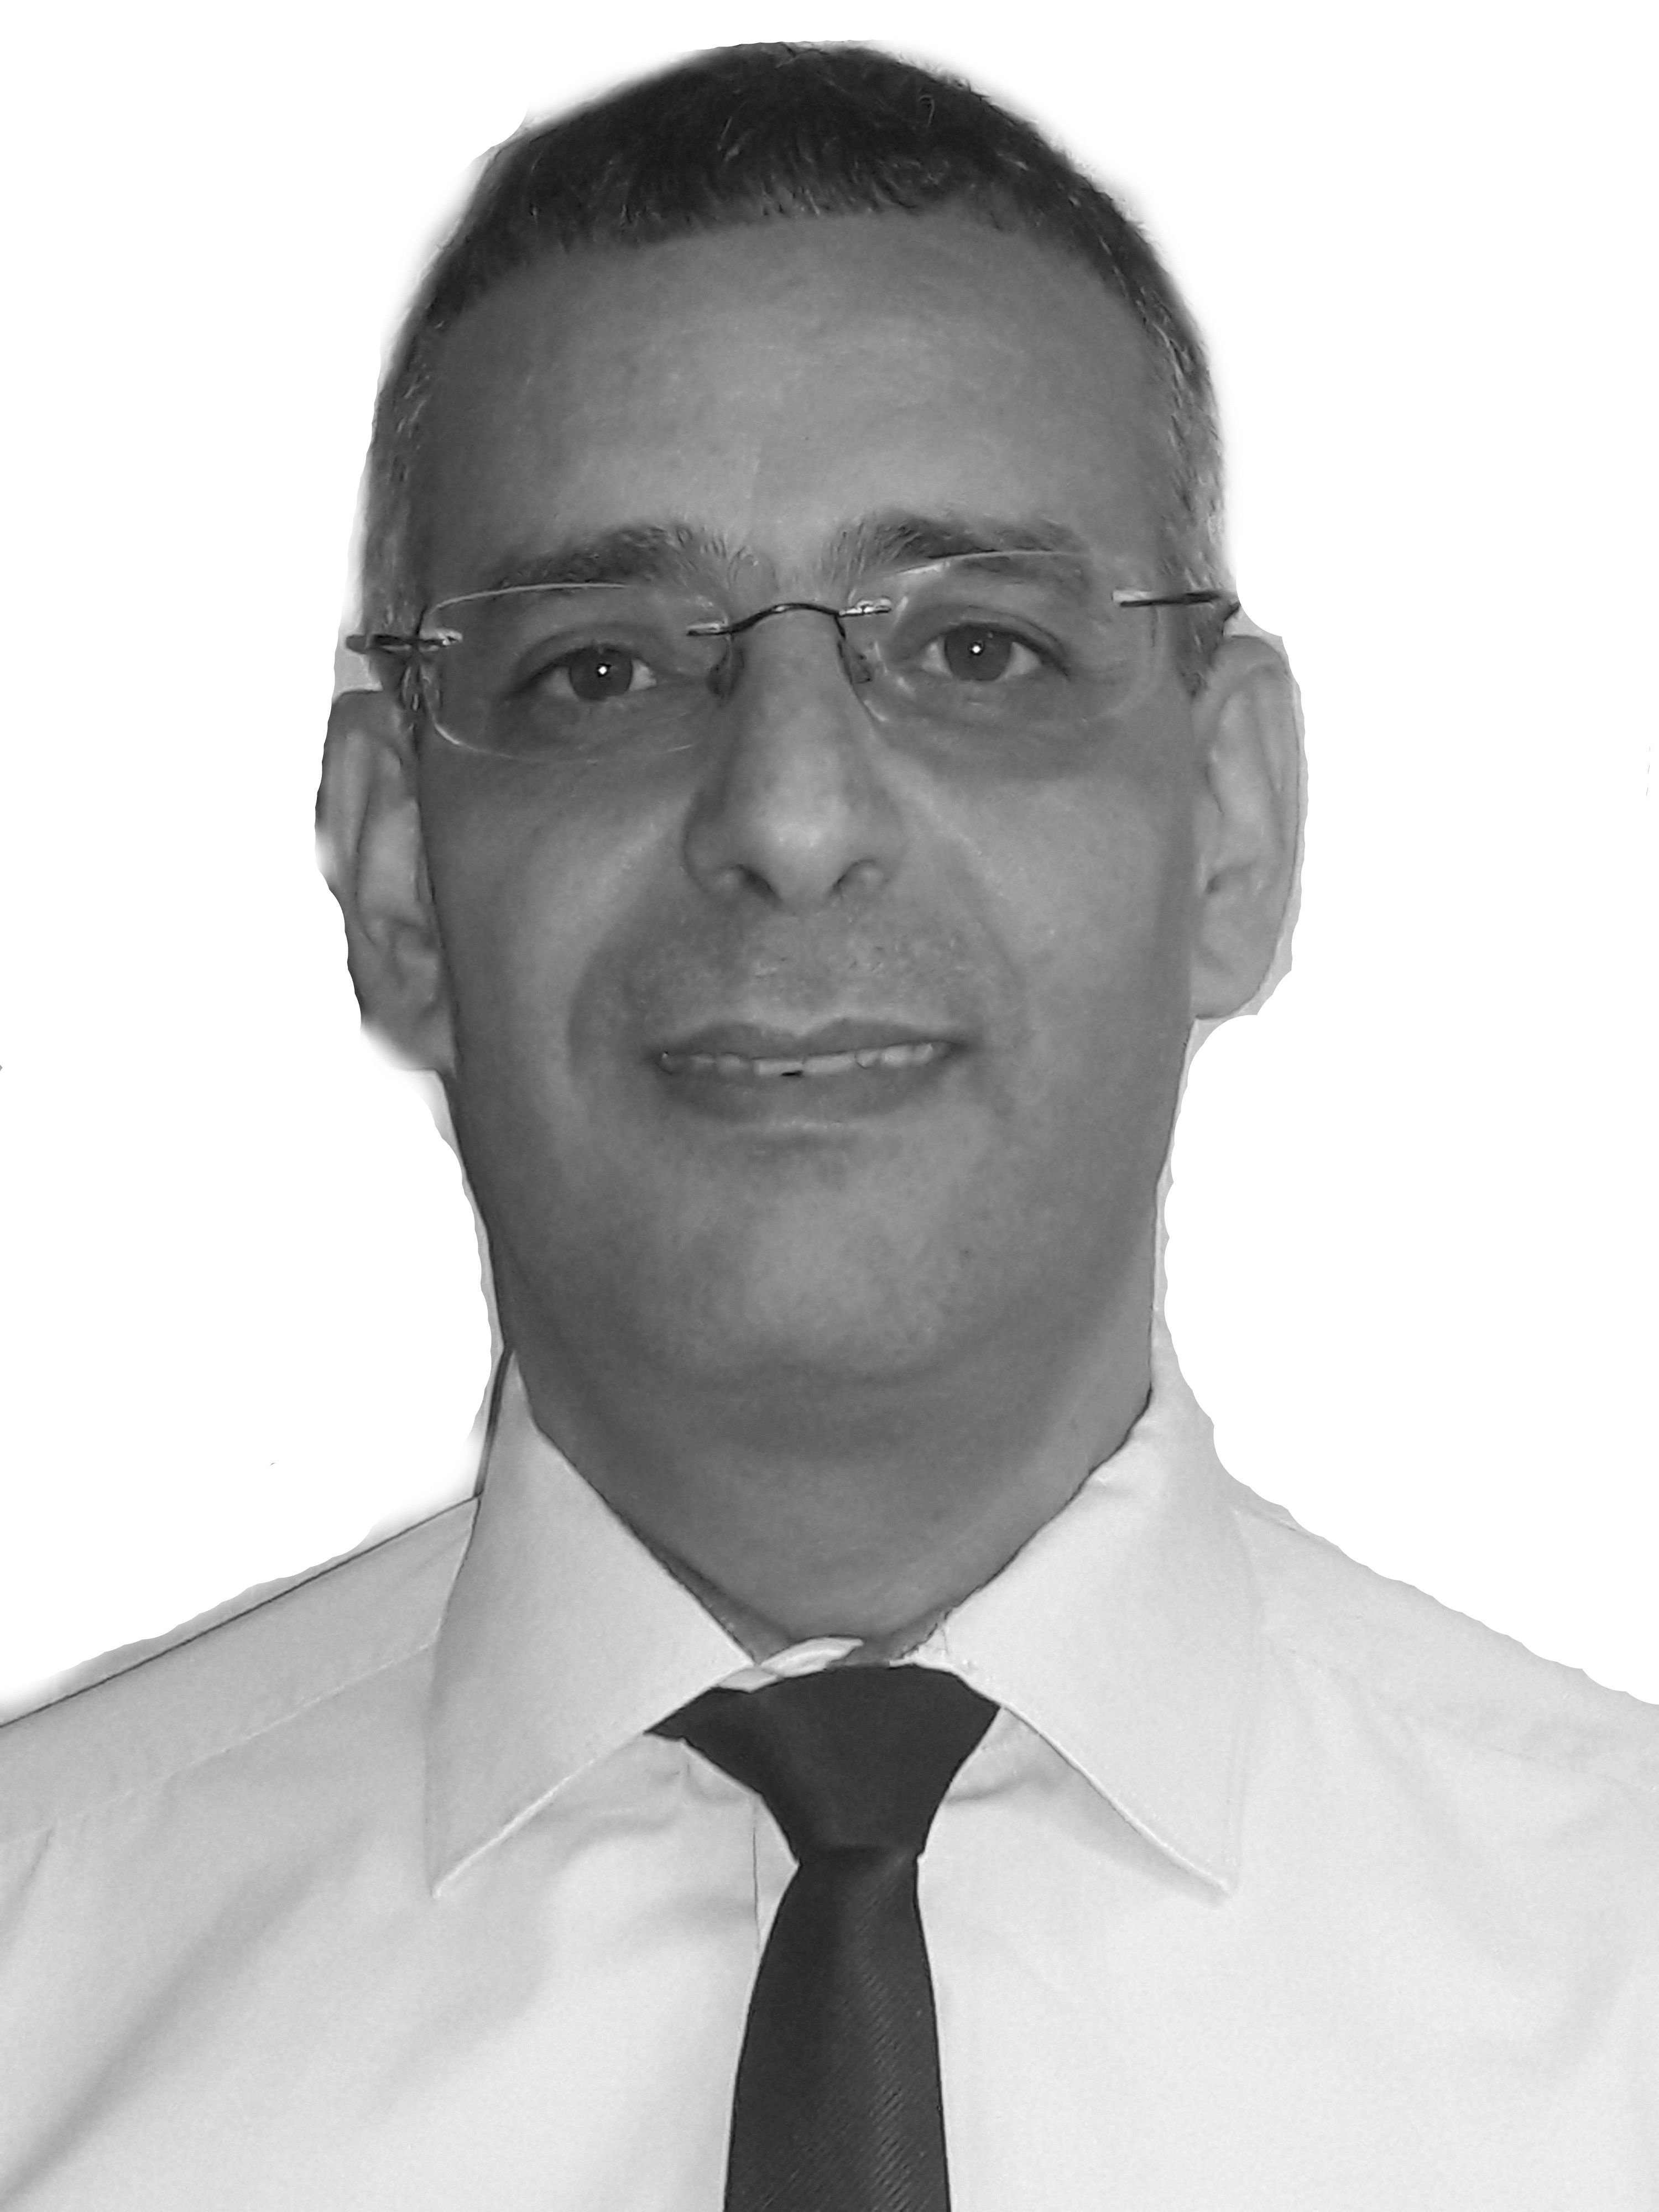 Brahim Chahed Headshot